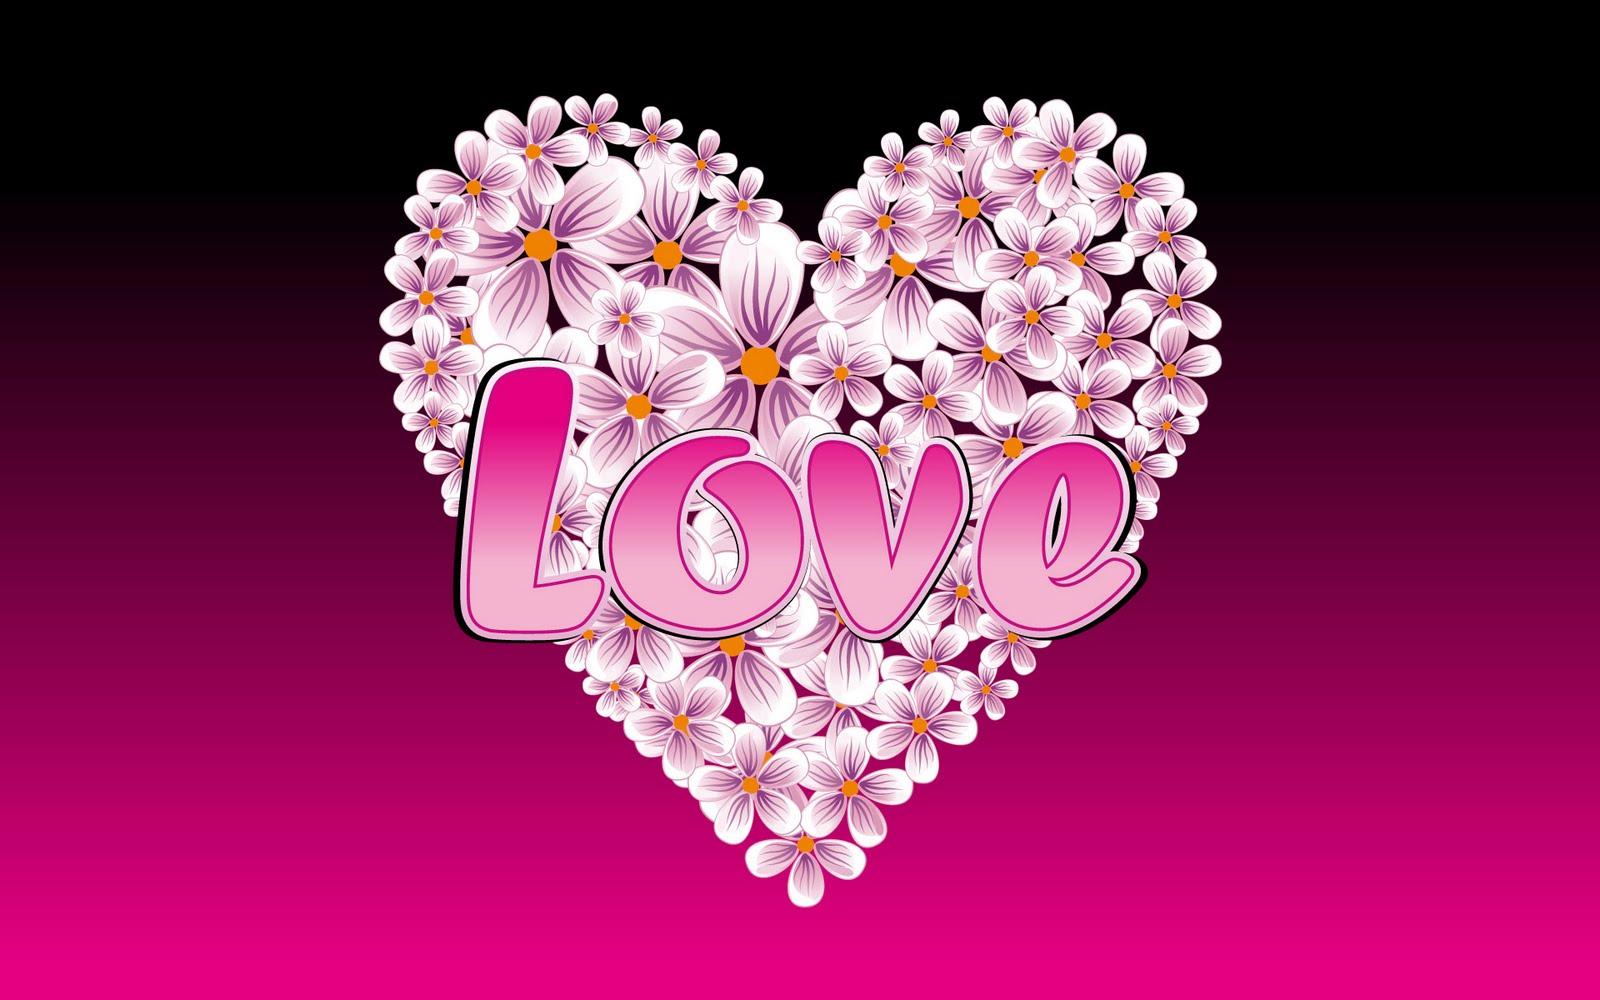 http://4.bp.blogspot.com/-CfKu4k3AM5E/TeZEtopjl5I/AAAAAAAAAU4/MnS_C9P8ipQ/s1600/beautiful-love-heart-wallpaper-valentine-day%255B1%255D.jpg